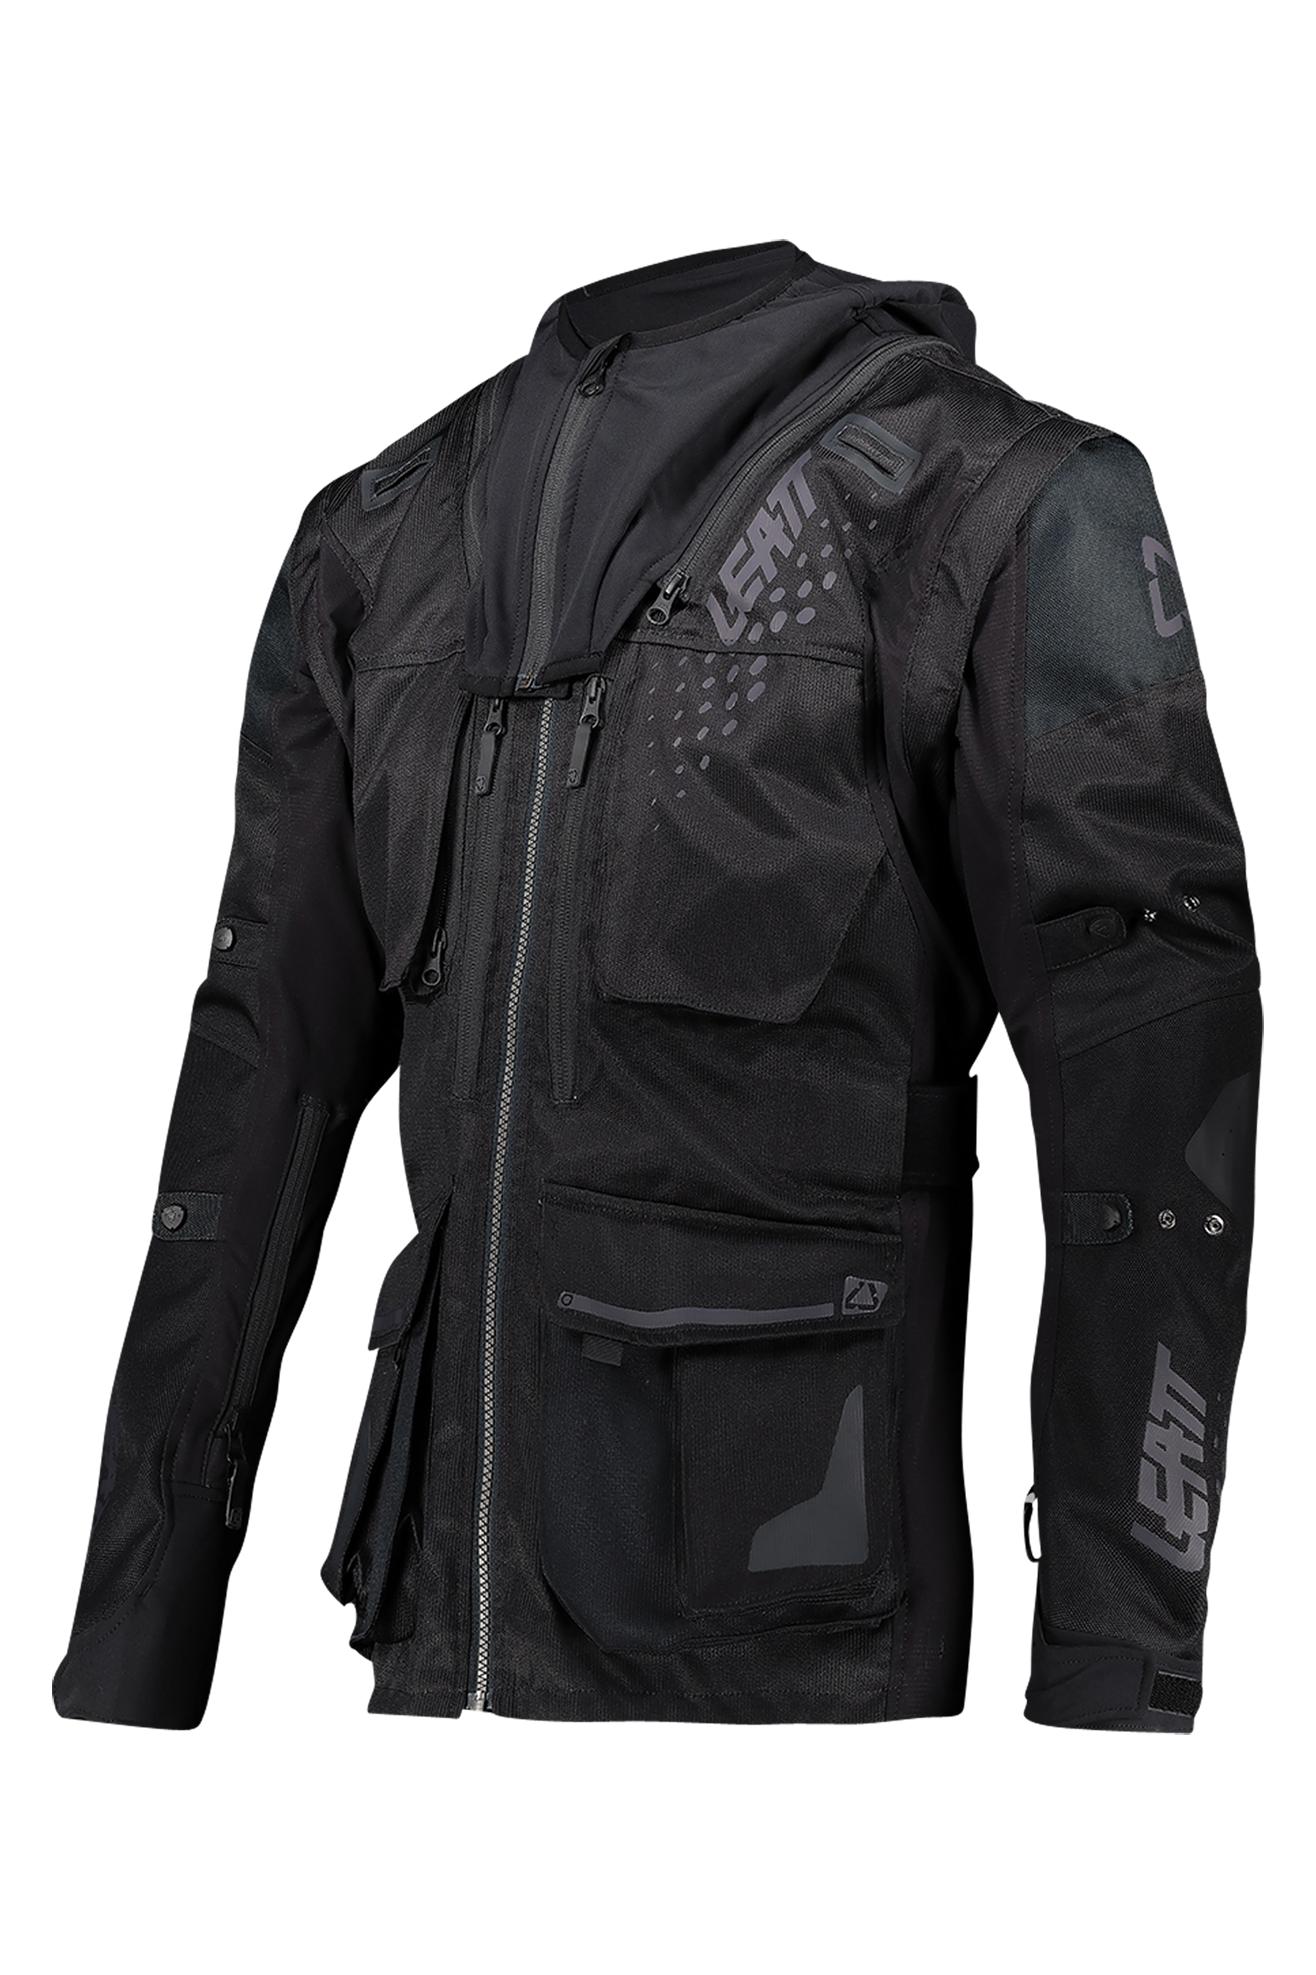 leatt giacca enduro  moto 5.5 nera